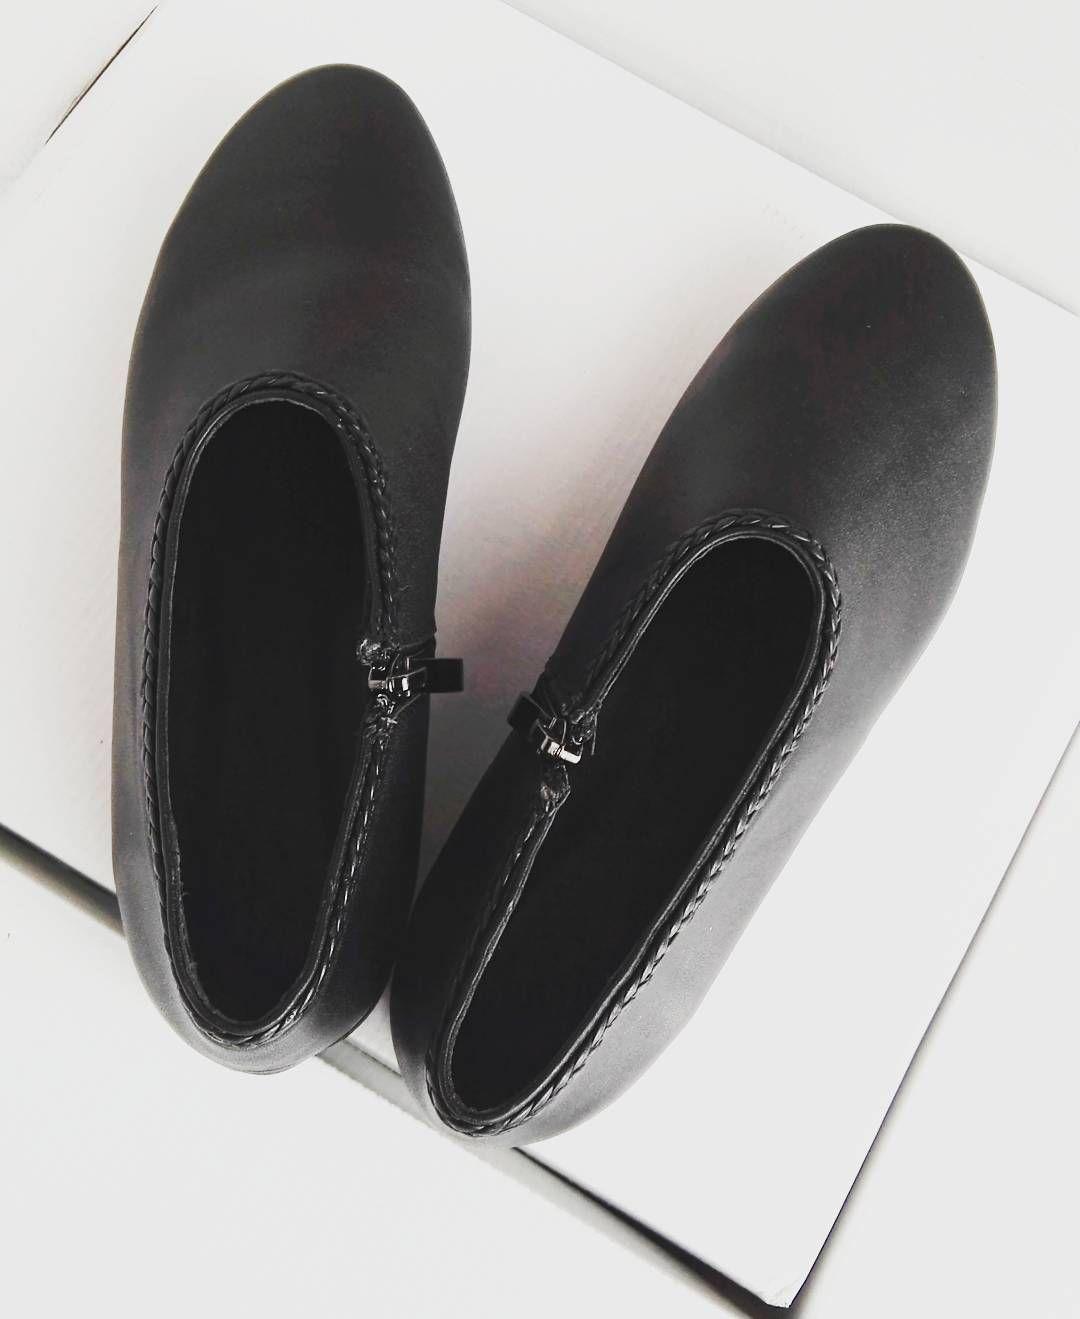 Mala Zapowiedz Cichobiegi Buciki Marysienki Nowa Kolekcja Juz Wkrotce Warkocz Ludowy Gorale Folk Slide Slipper Shoes Instagram